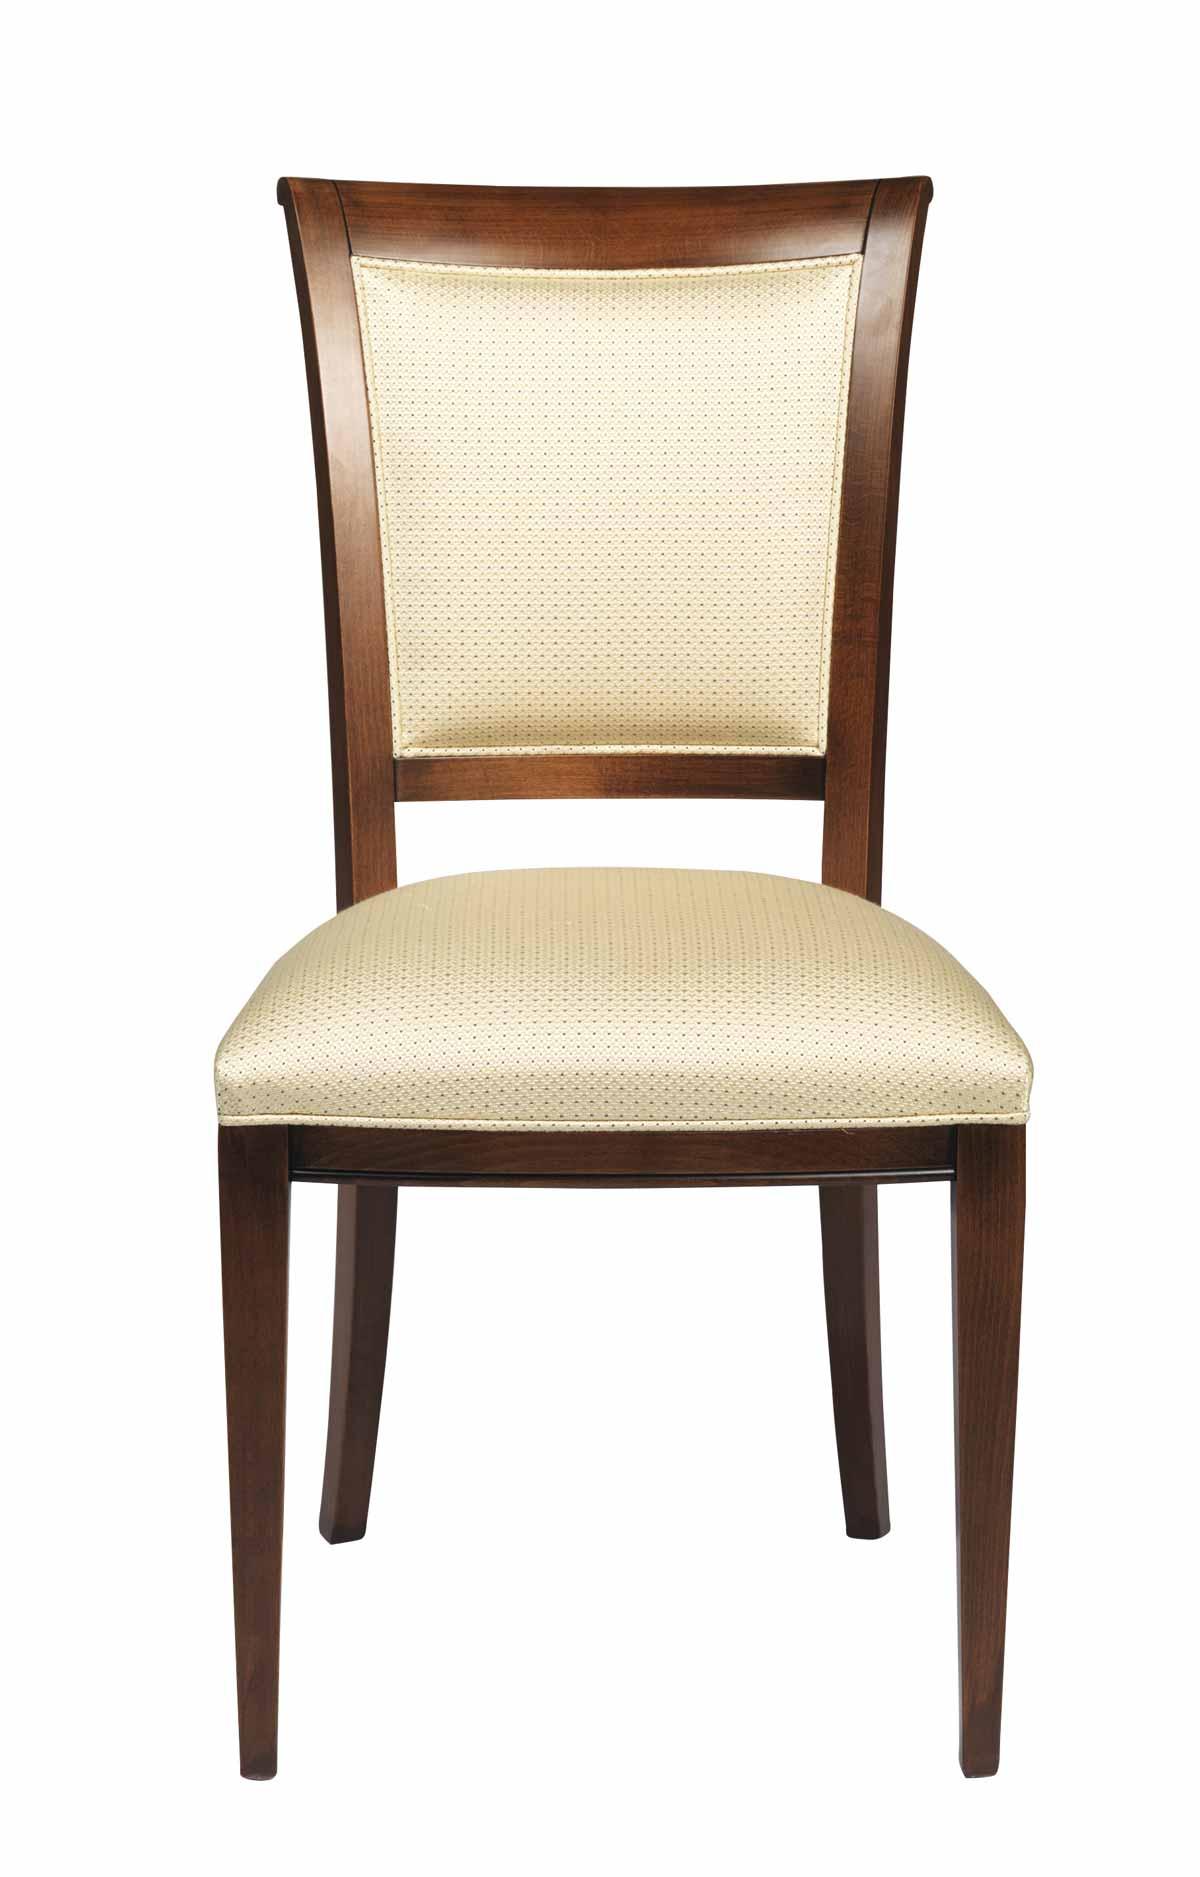 Sabrina spisebordsstol - Lakeret træ, beige stof hynde